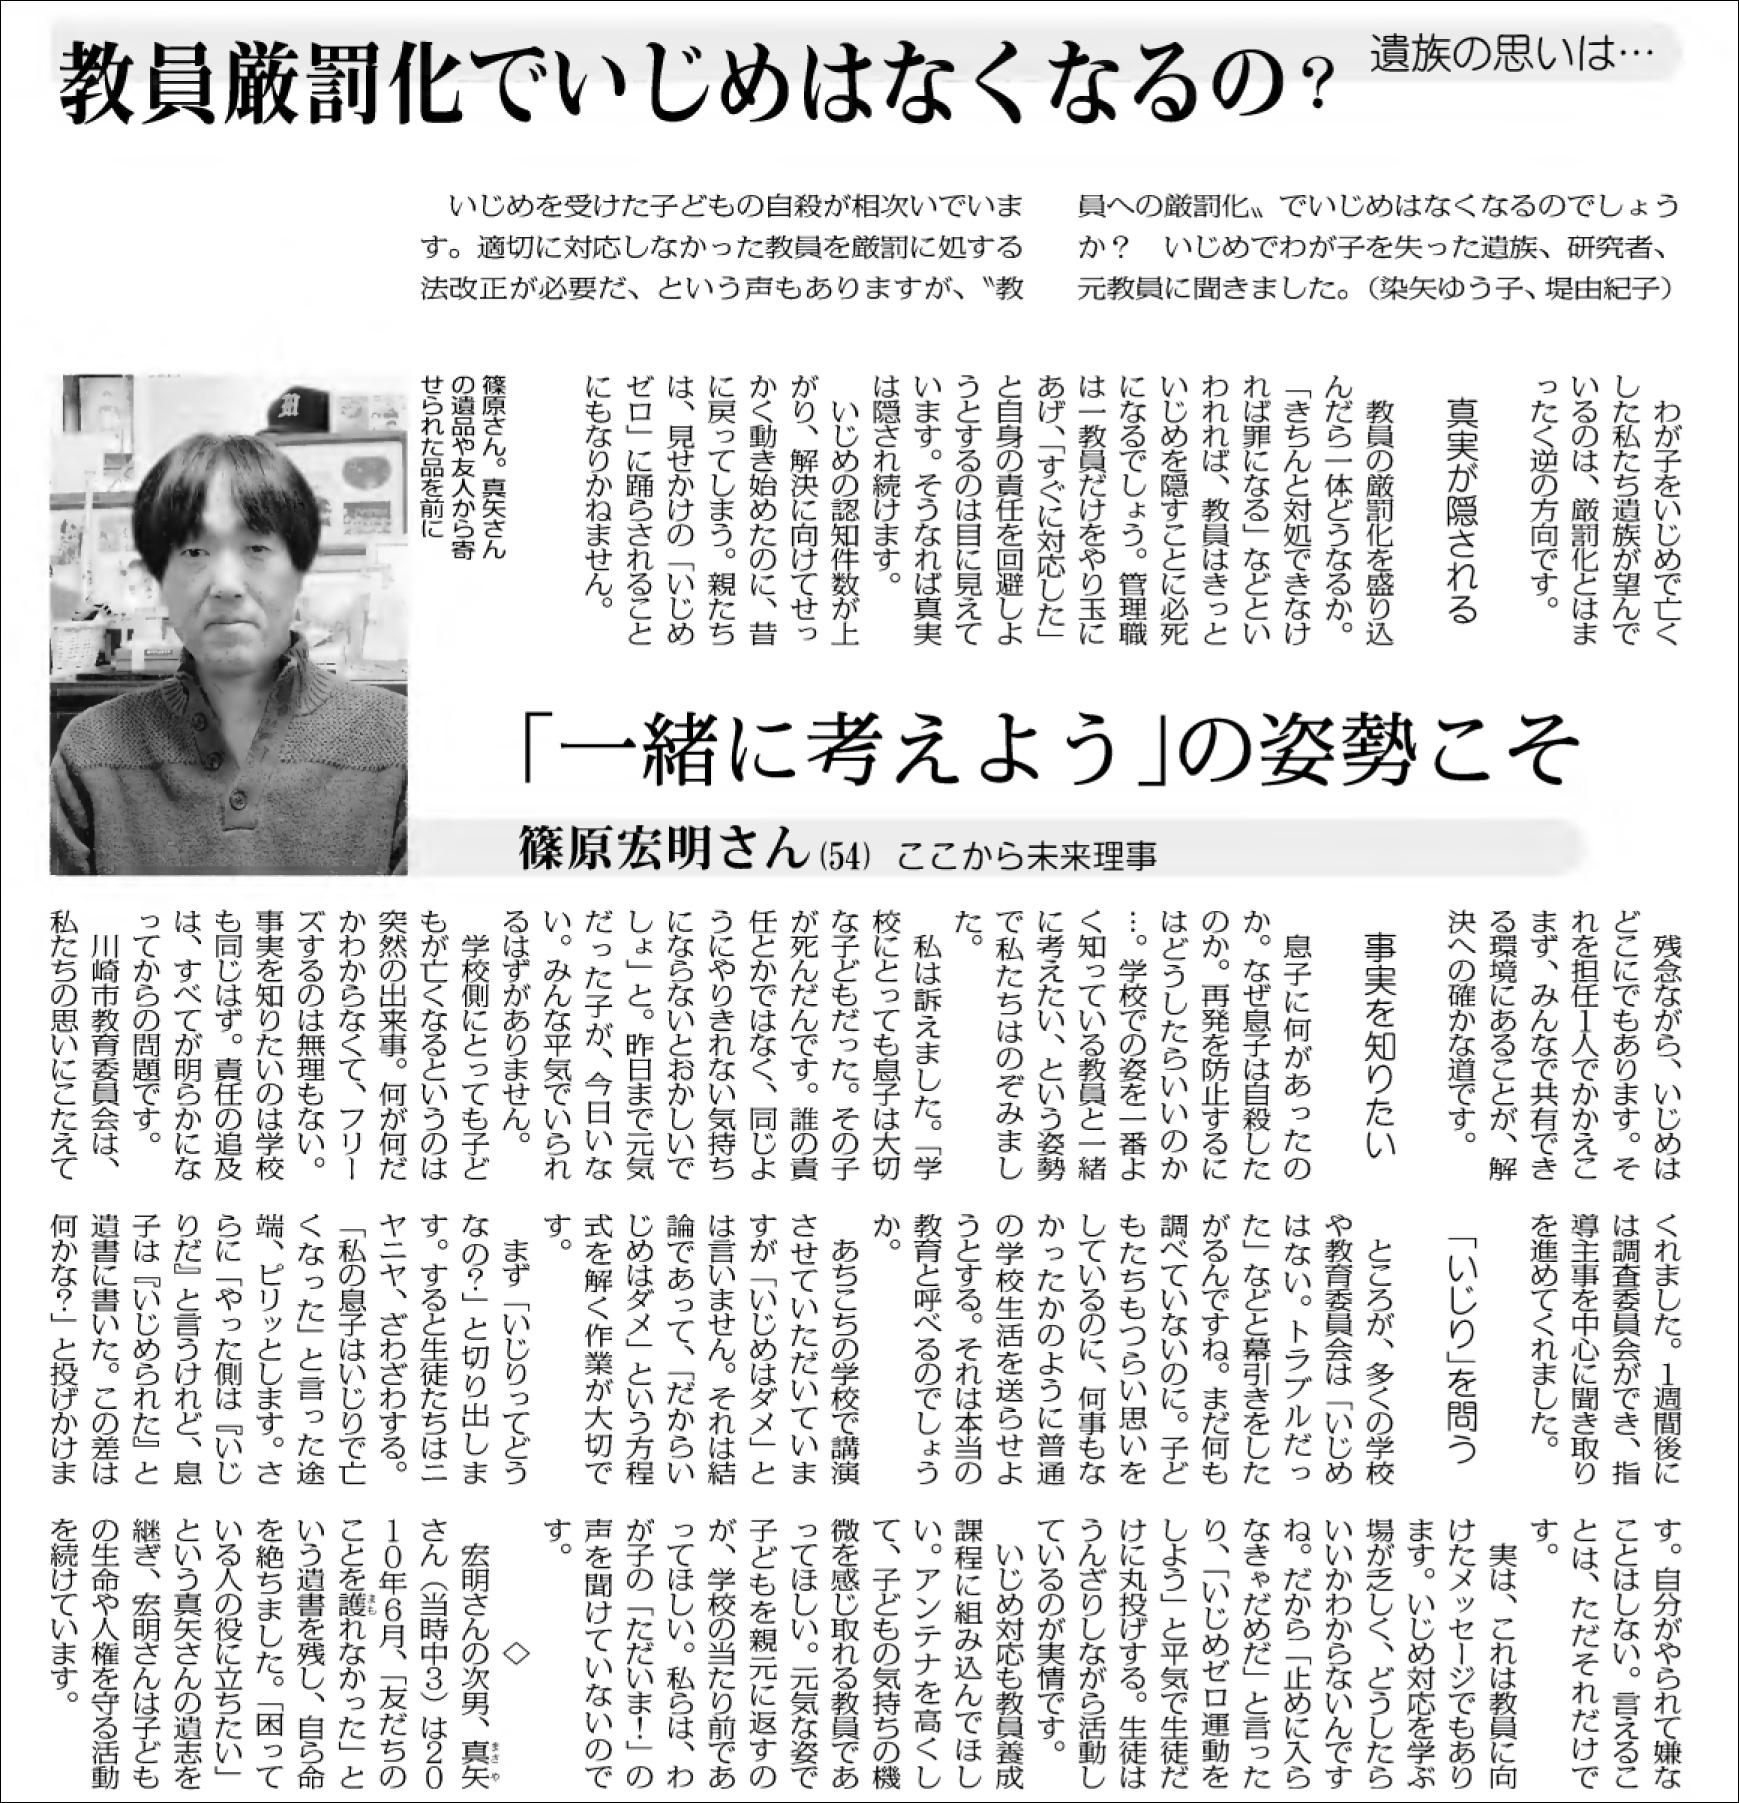 篠原宏明:しんぶん赤旗掲載、2019年3月9日「教員厳罰化でいじめはなくなるの?」